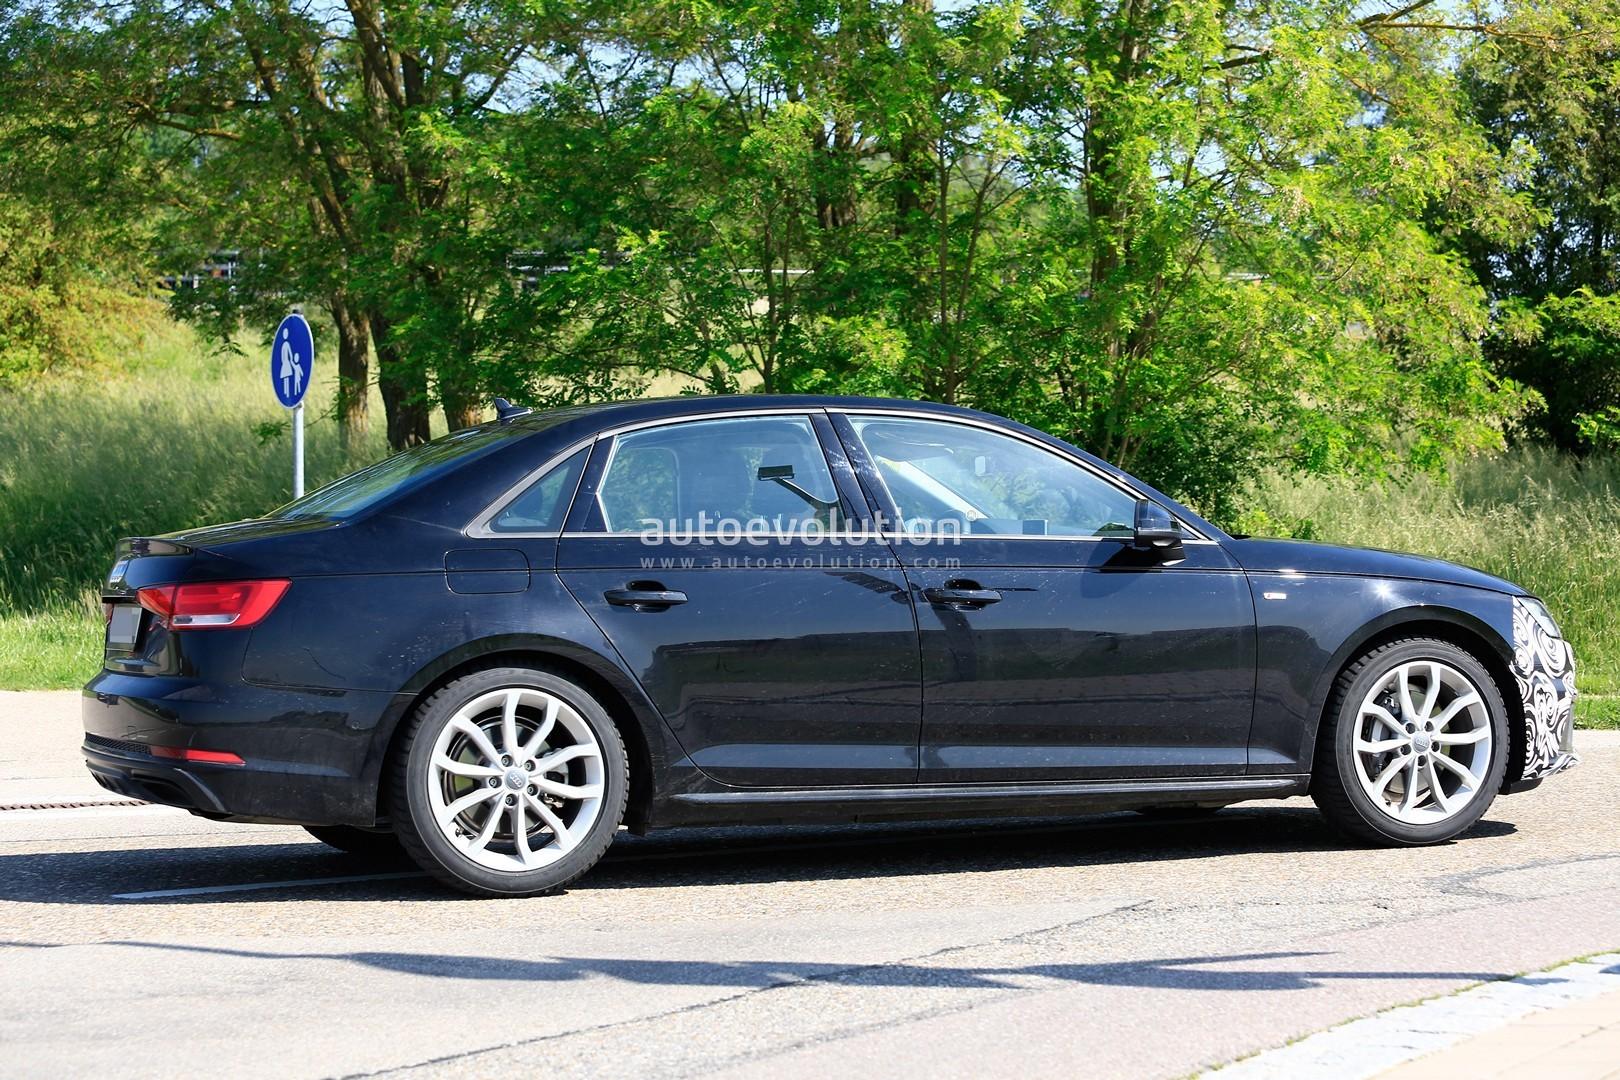 2020 Audi A4 Facelift New Spyshots Show All the Details - autoevolution